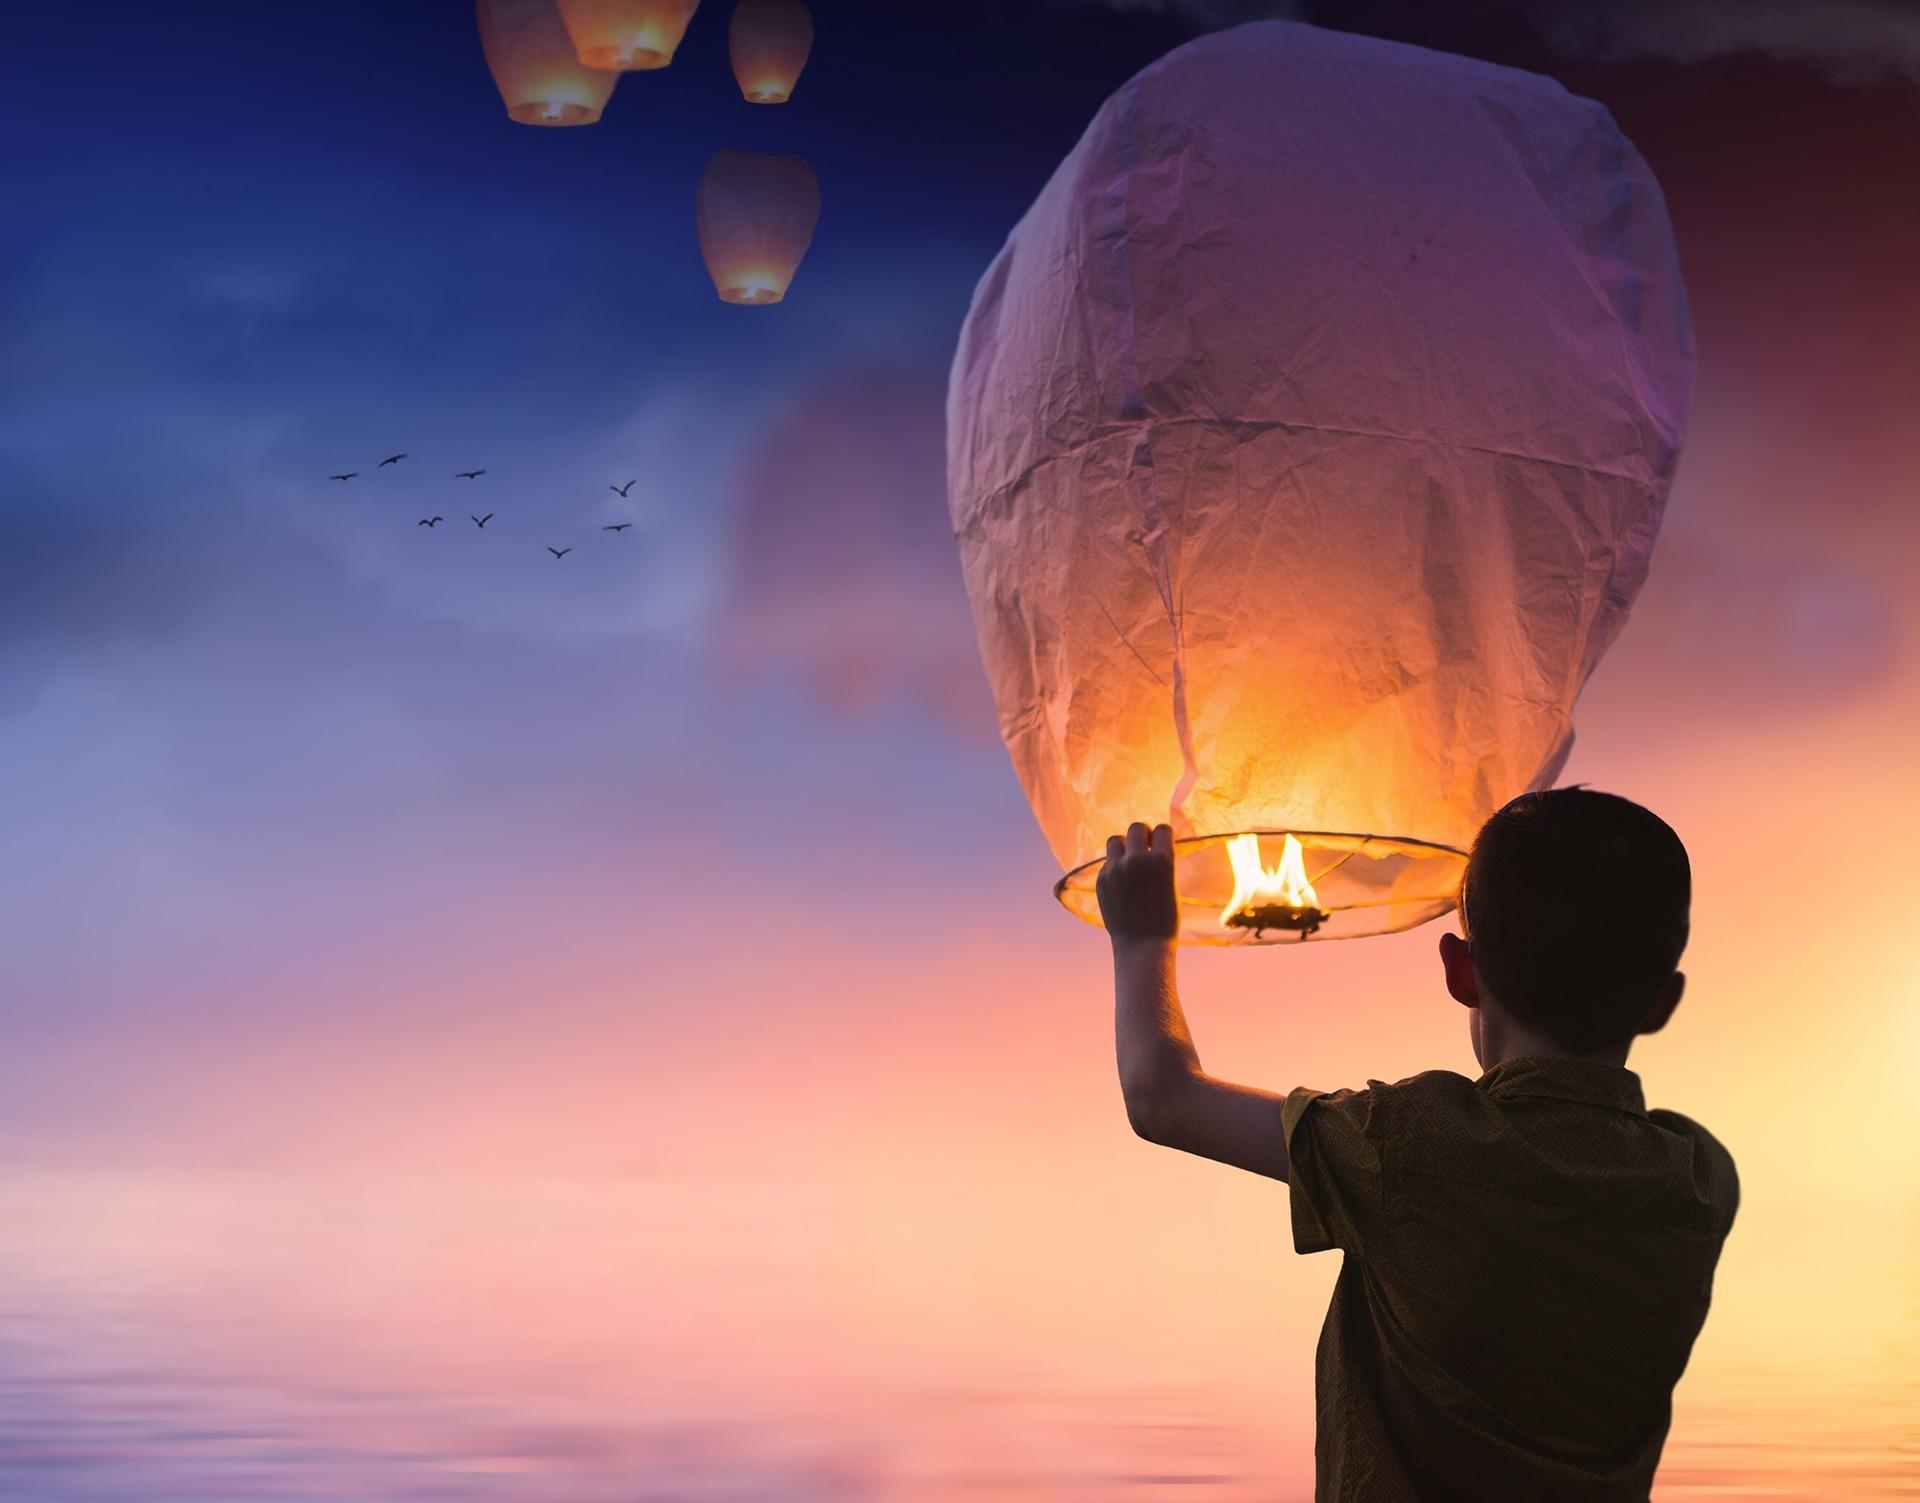 balloon-3206530_1920_1.jpg